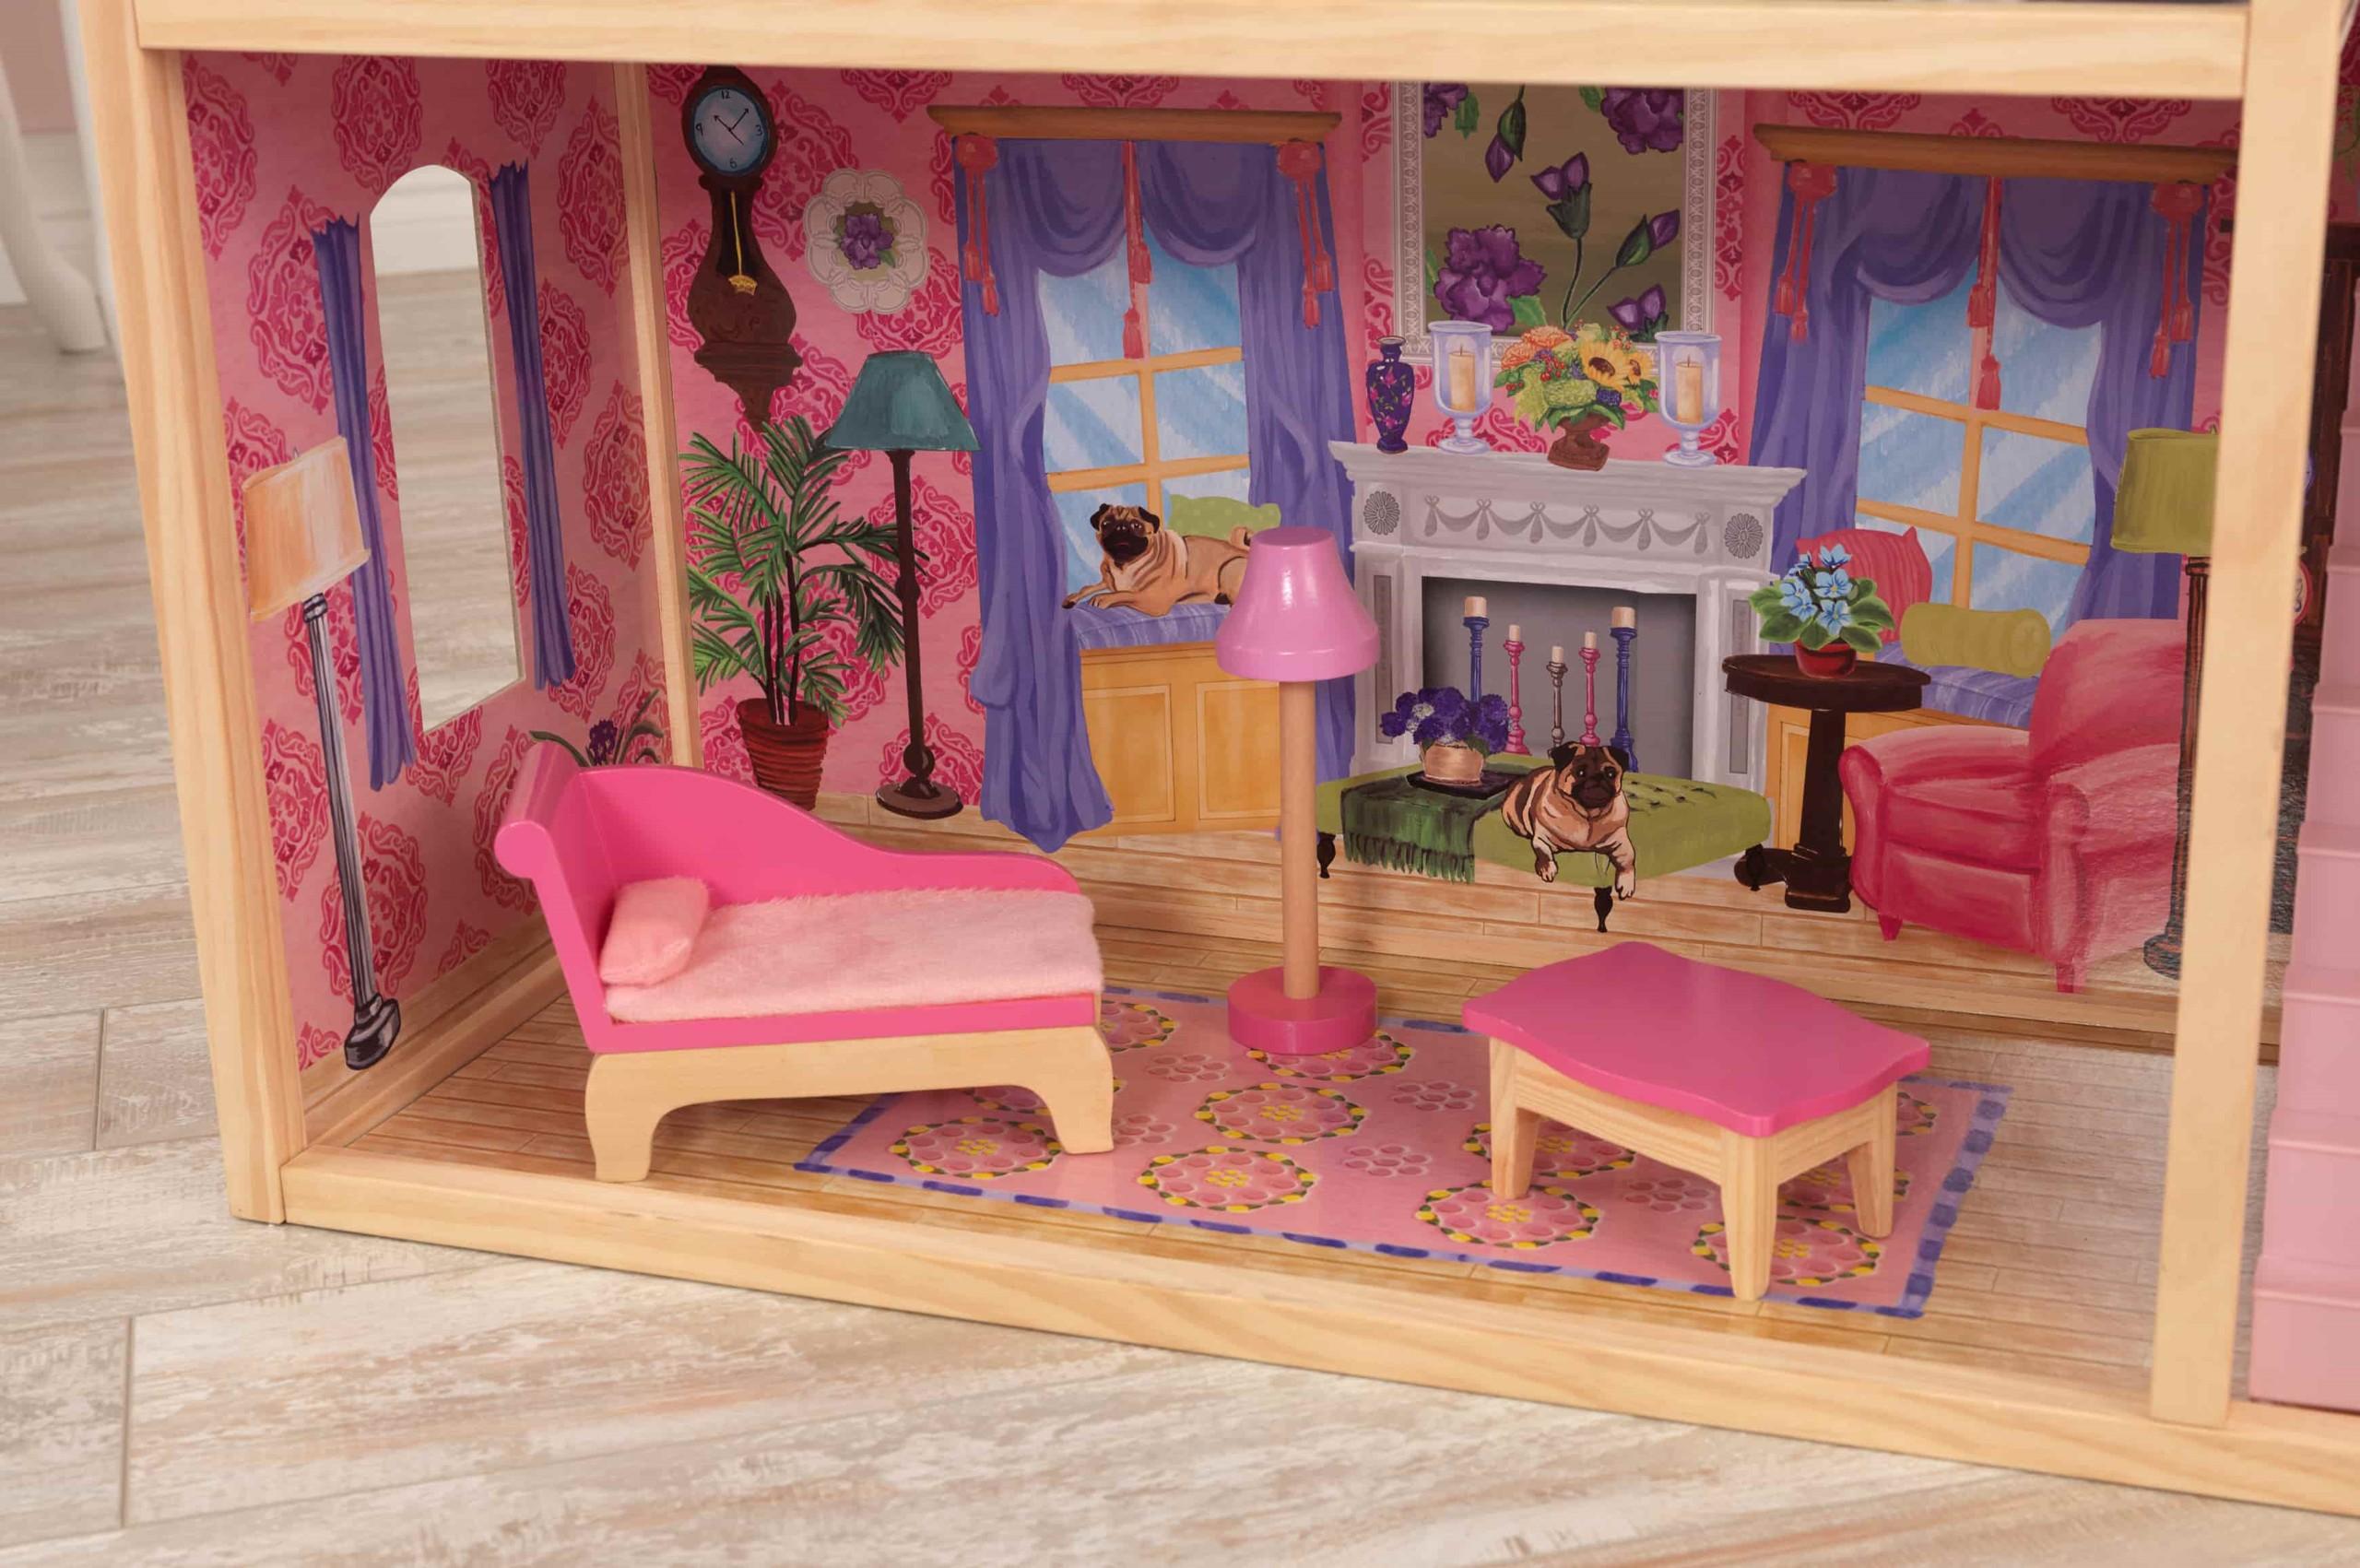 Къща за кукли от дърво – Кайла - Kidkraft дървени къщи за кукли(7)-bellamiestore